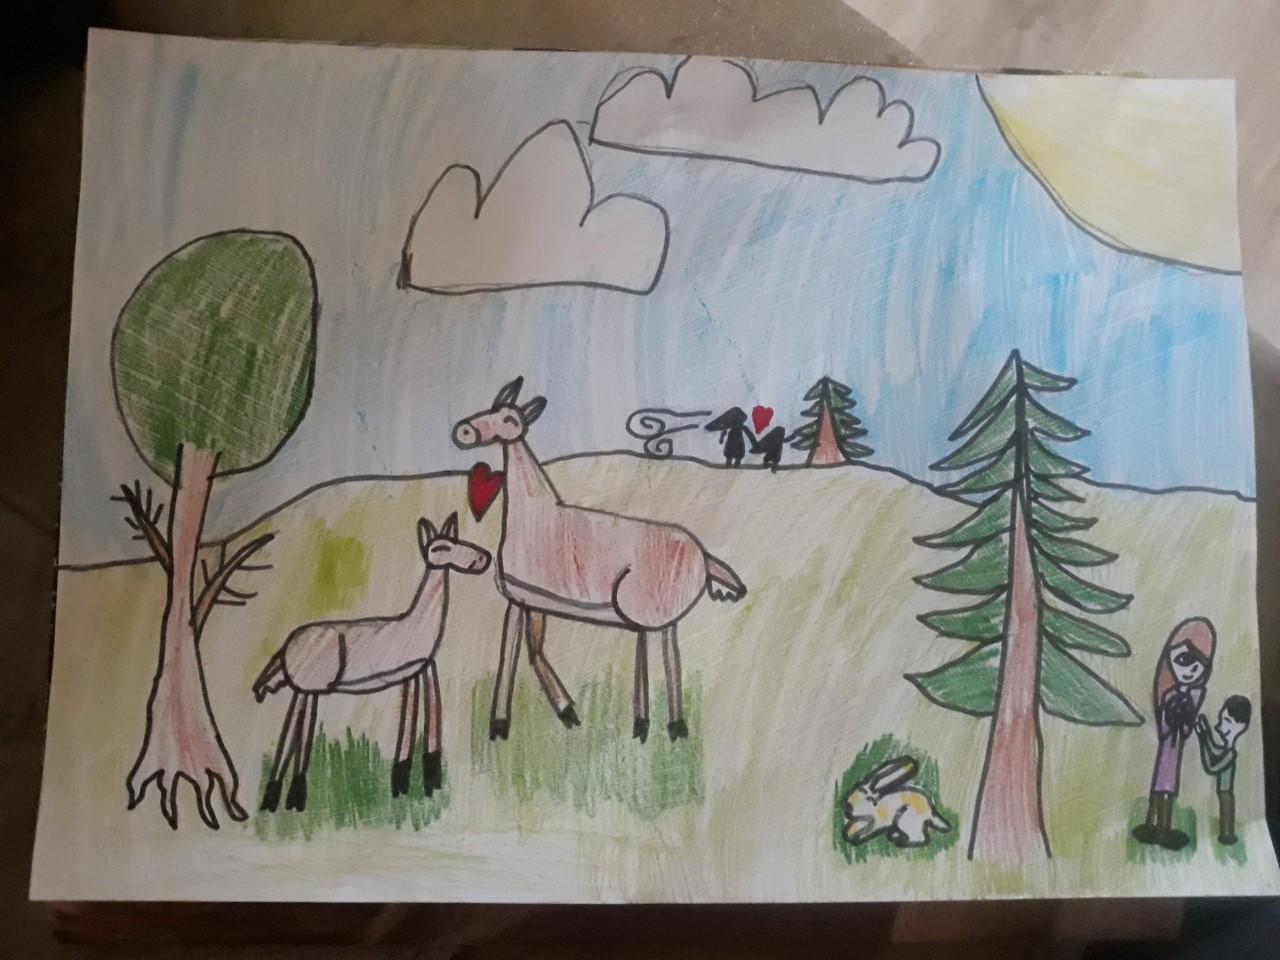 Johanna Väli 8 aastane vahva kompositsioon loomadega